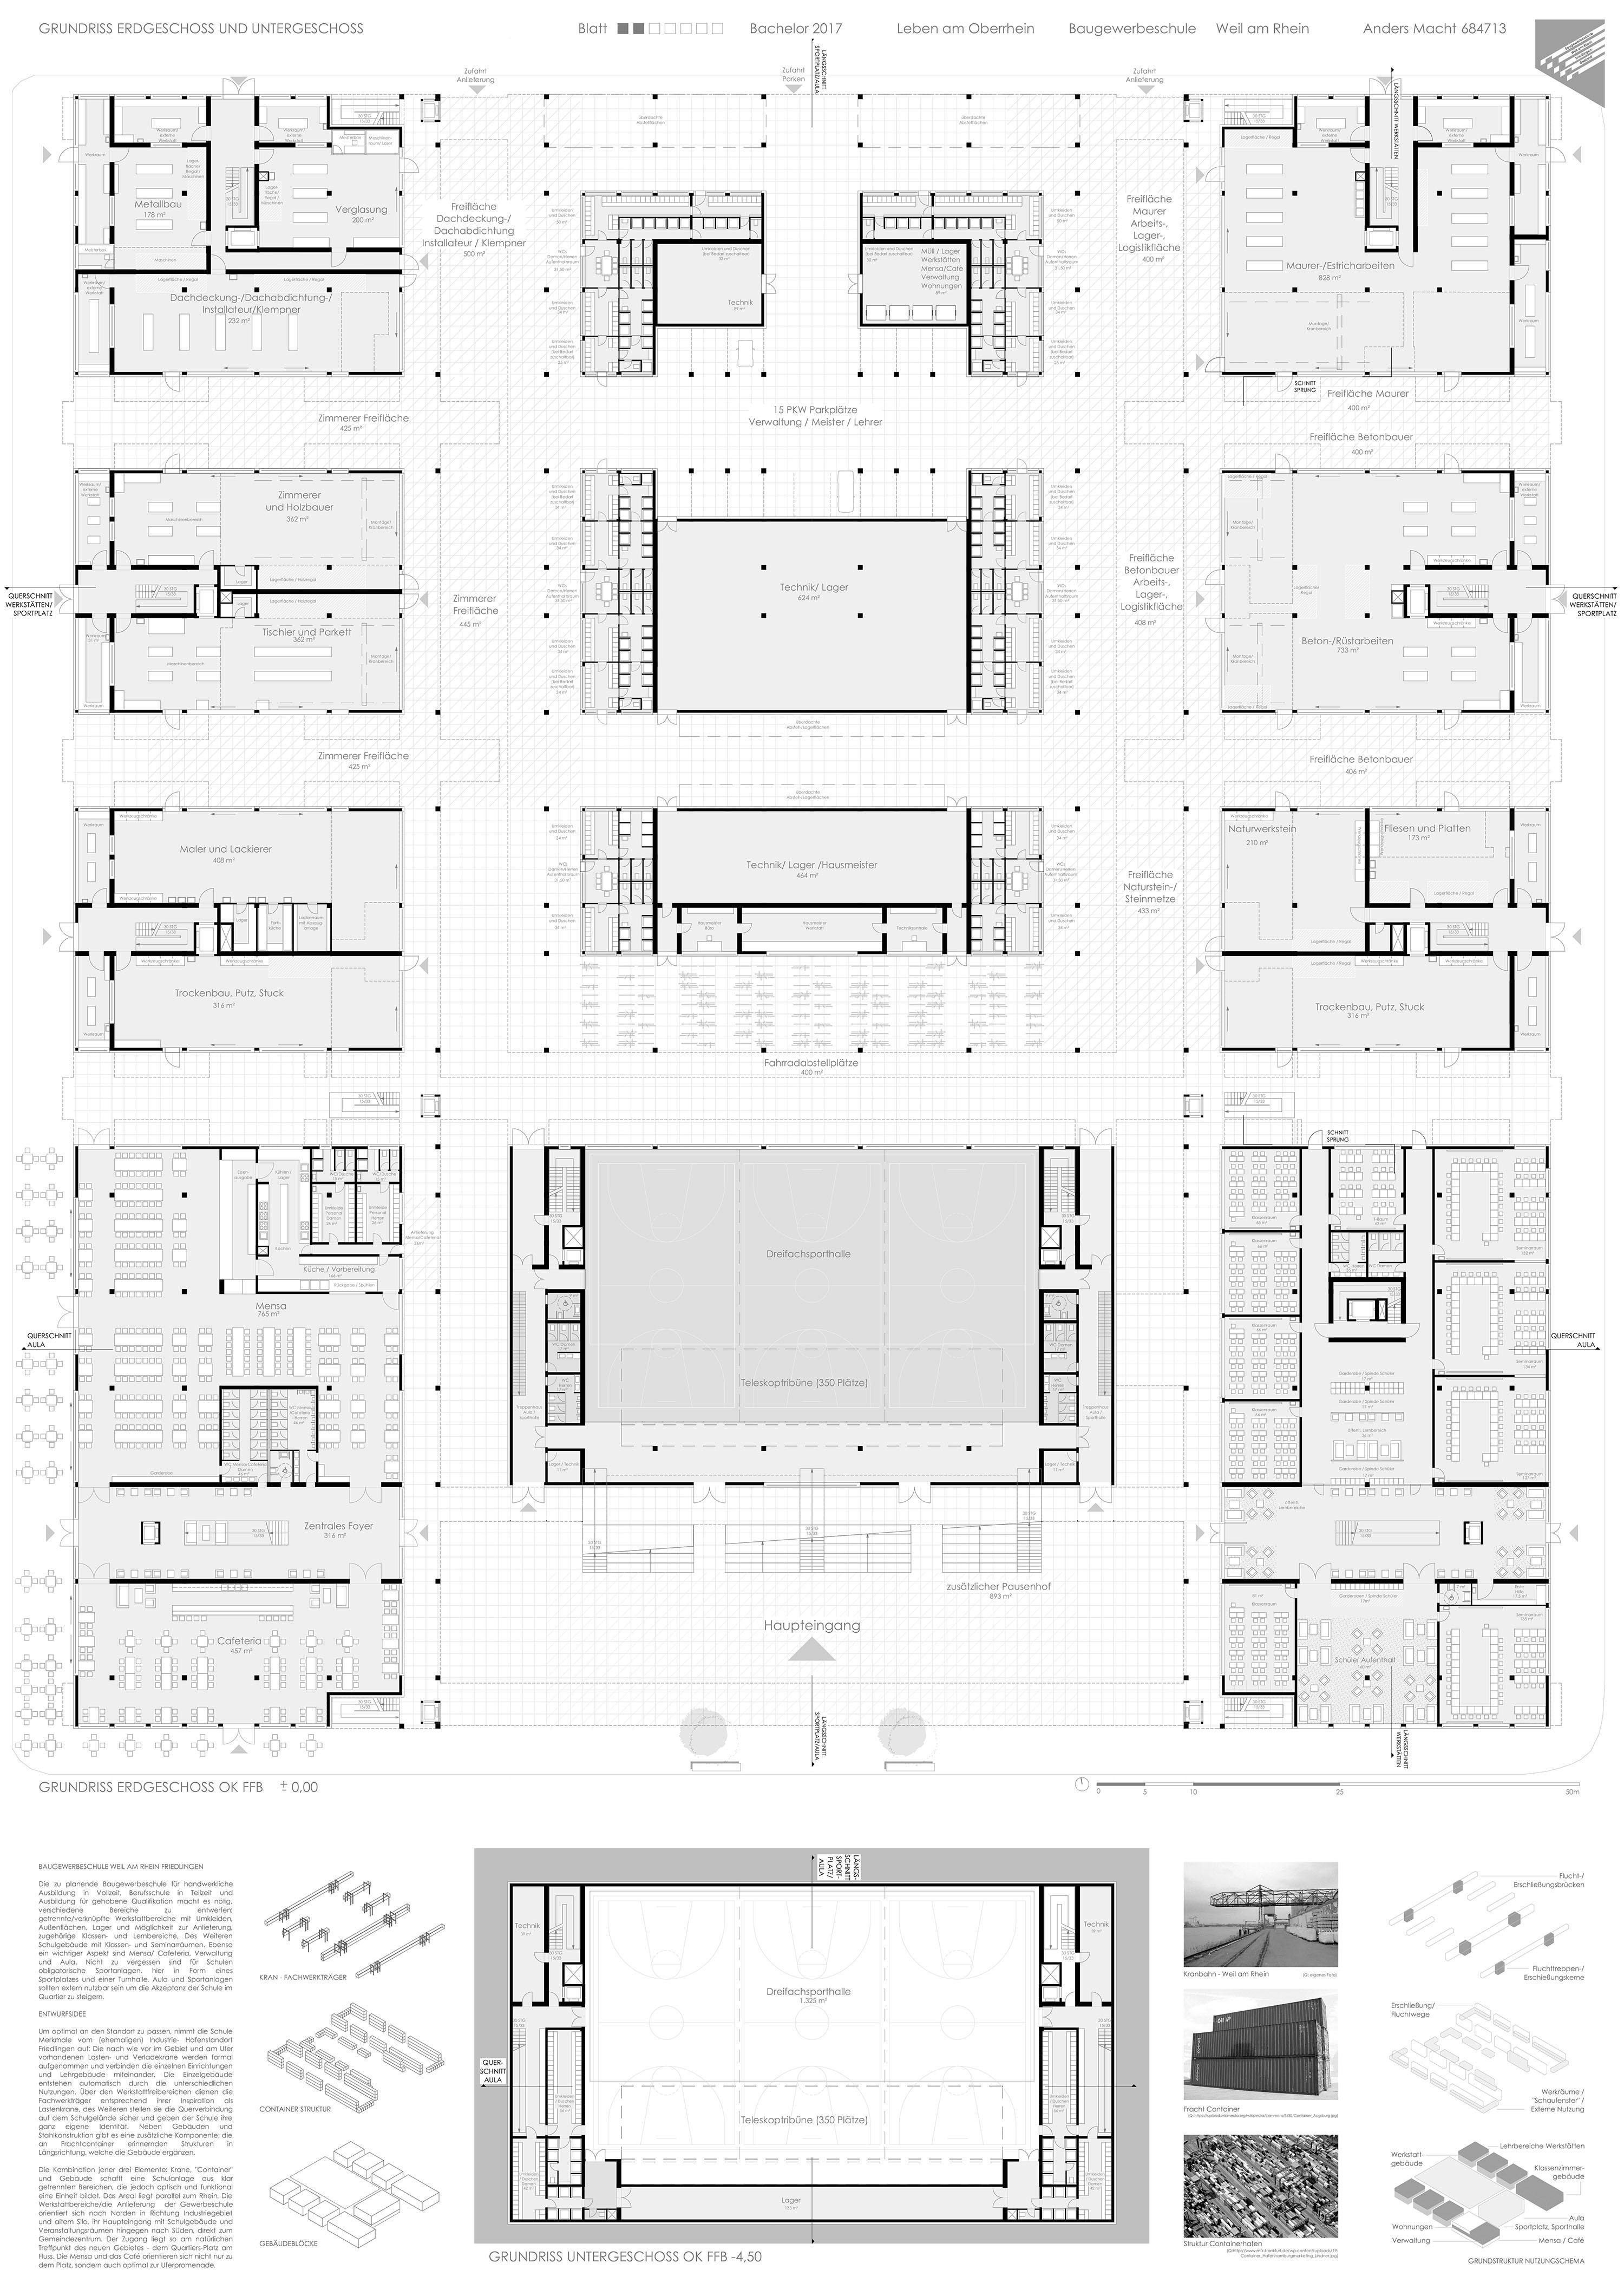 Architektur | anders macht